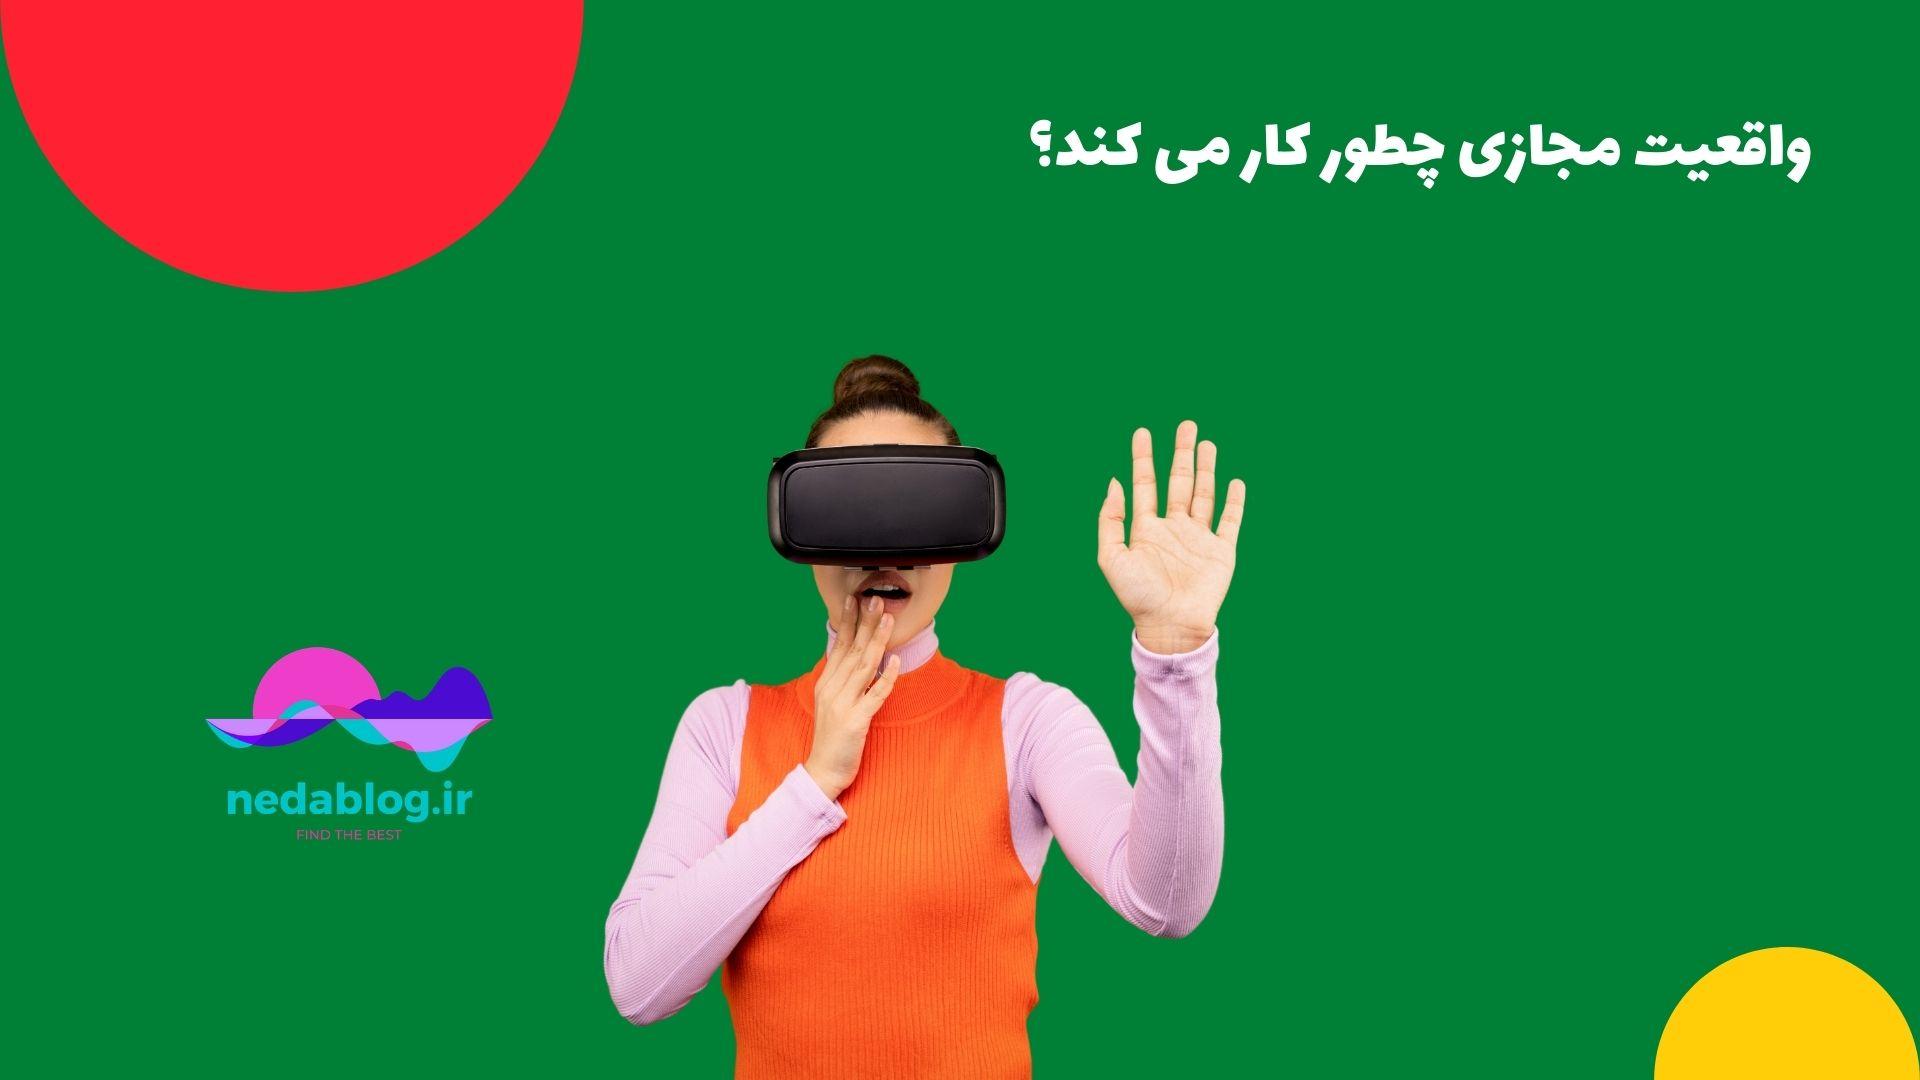 واقعیت مجازی چطور کار می کند؟